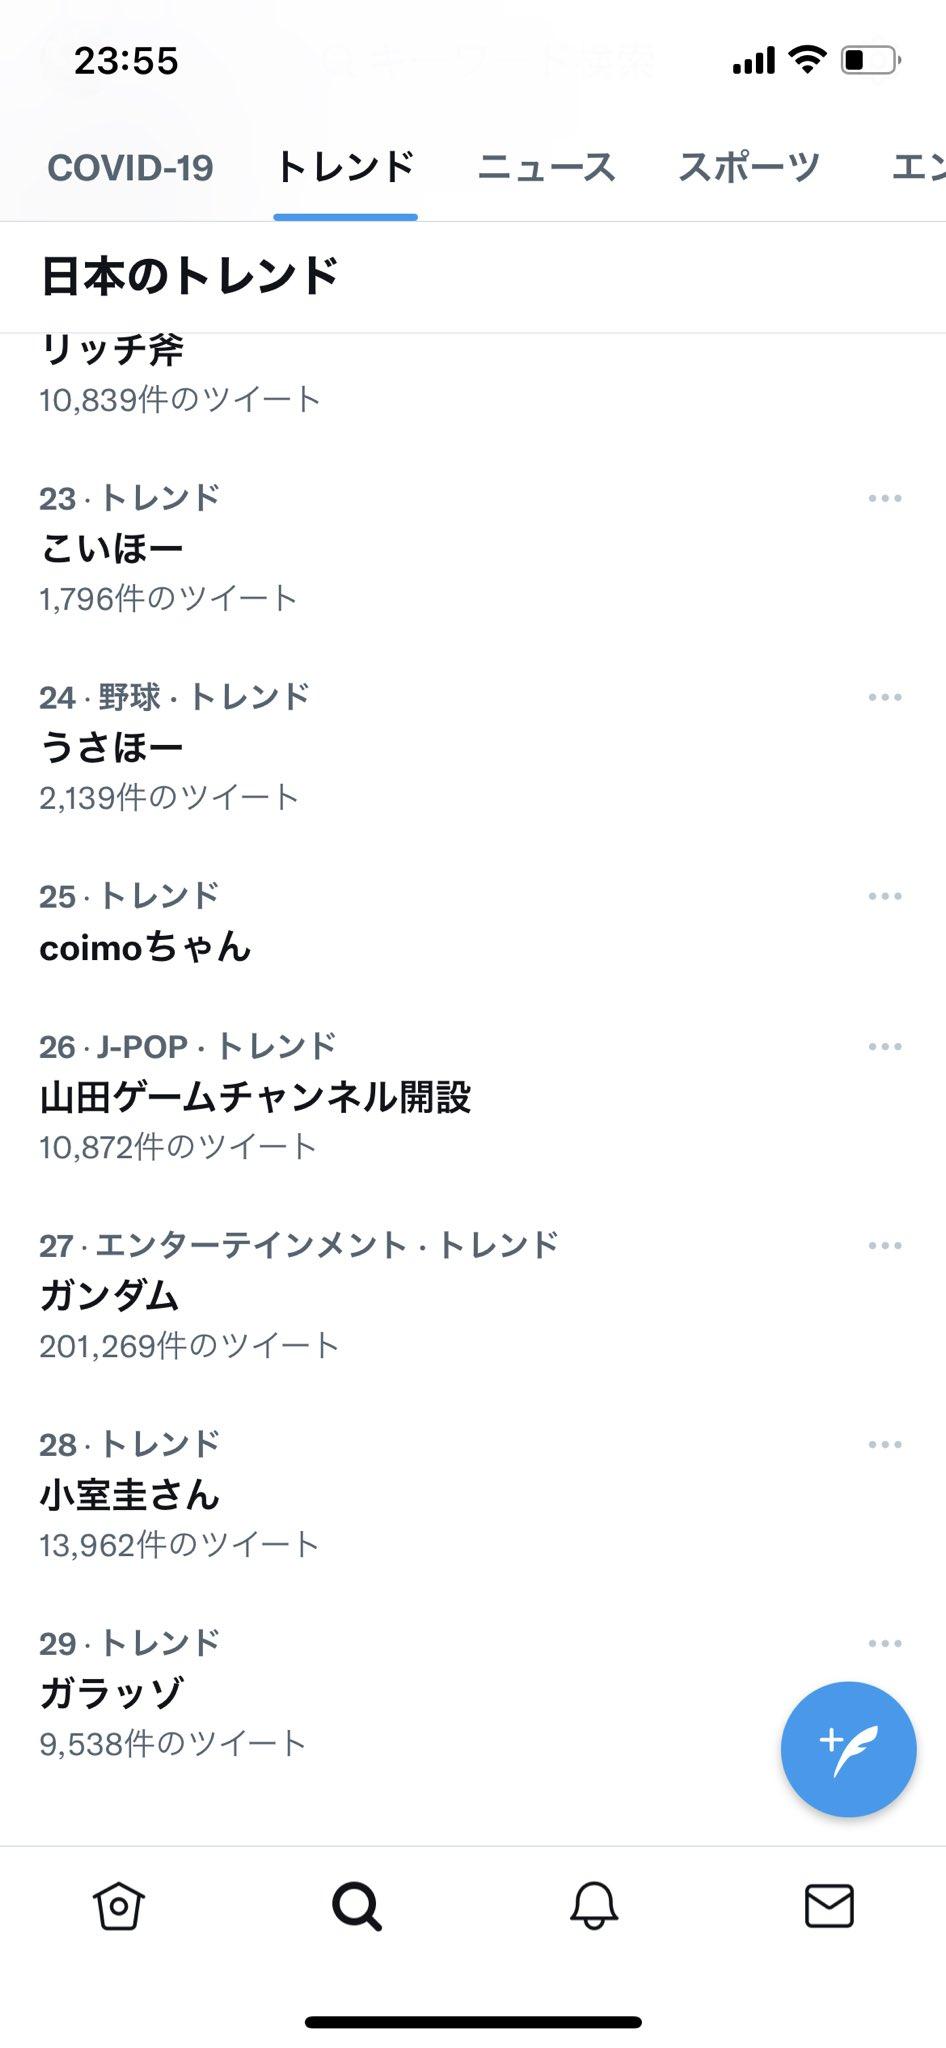 Coimoちゃん Twitter